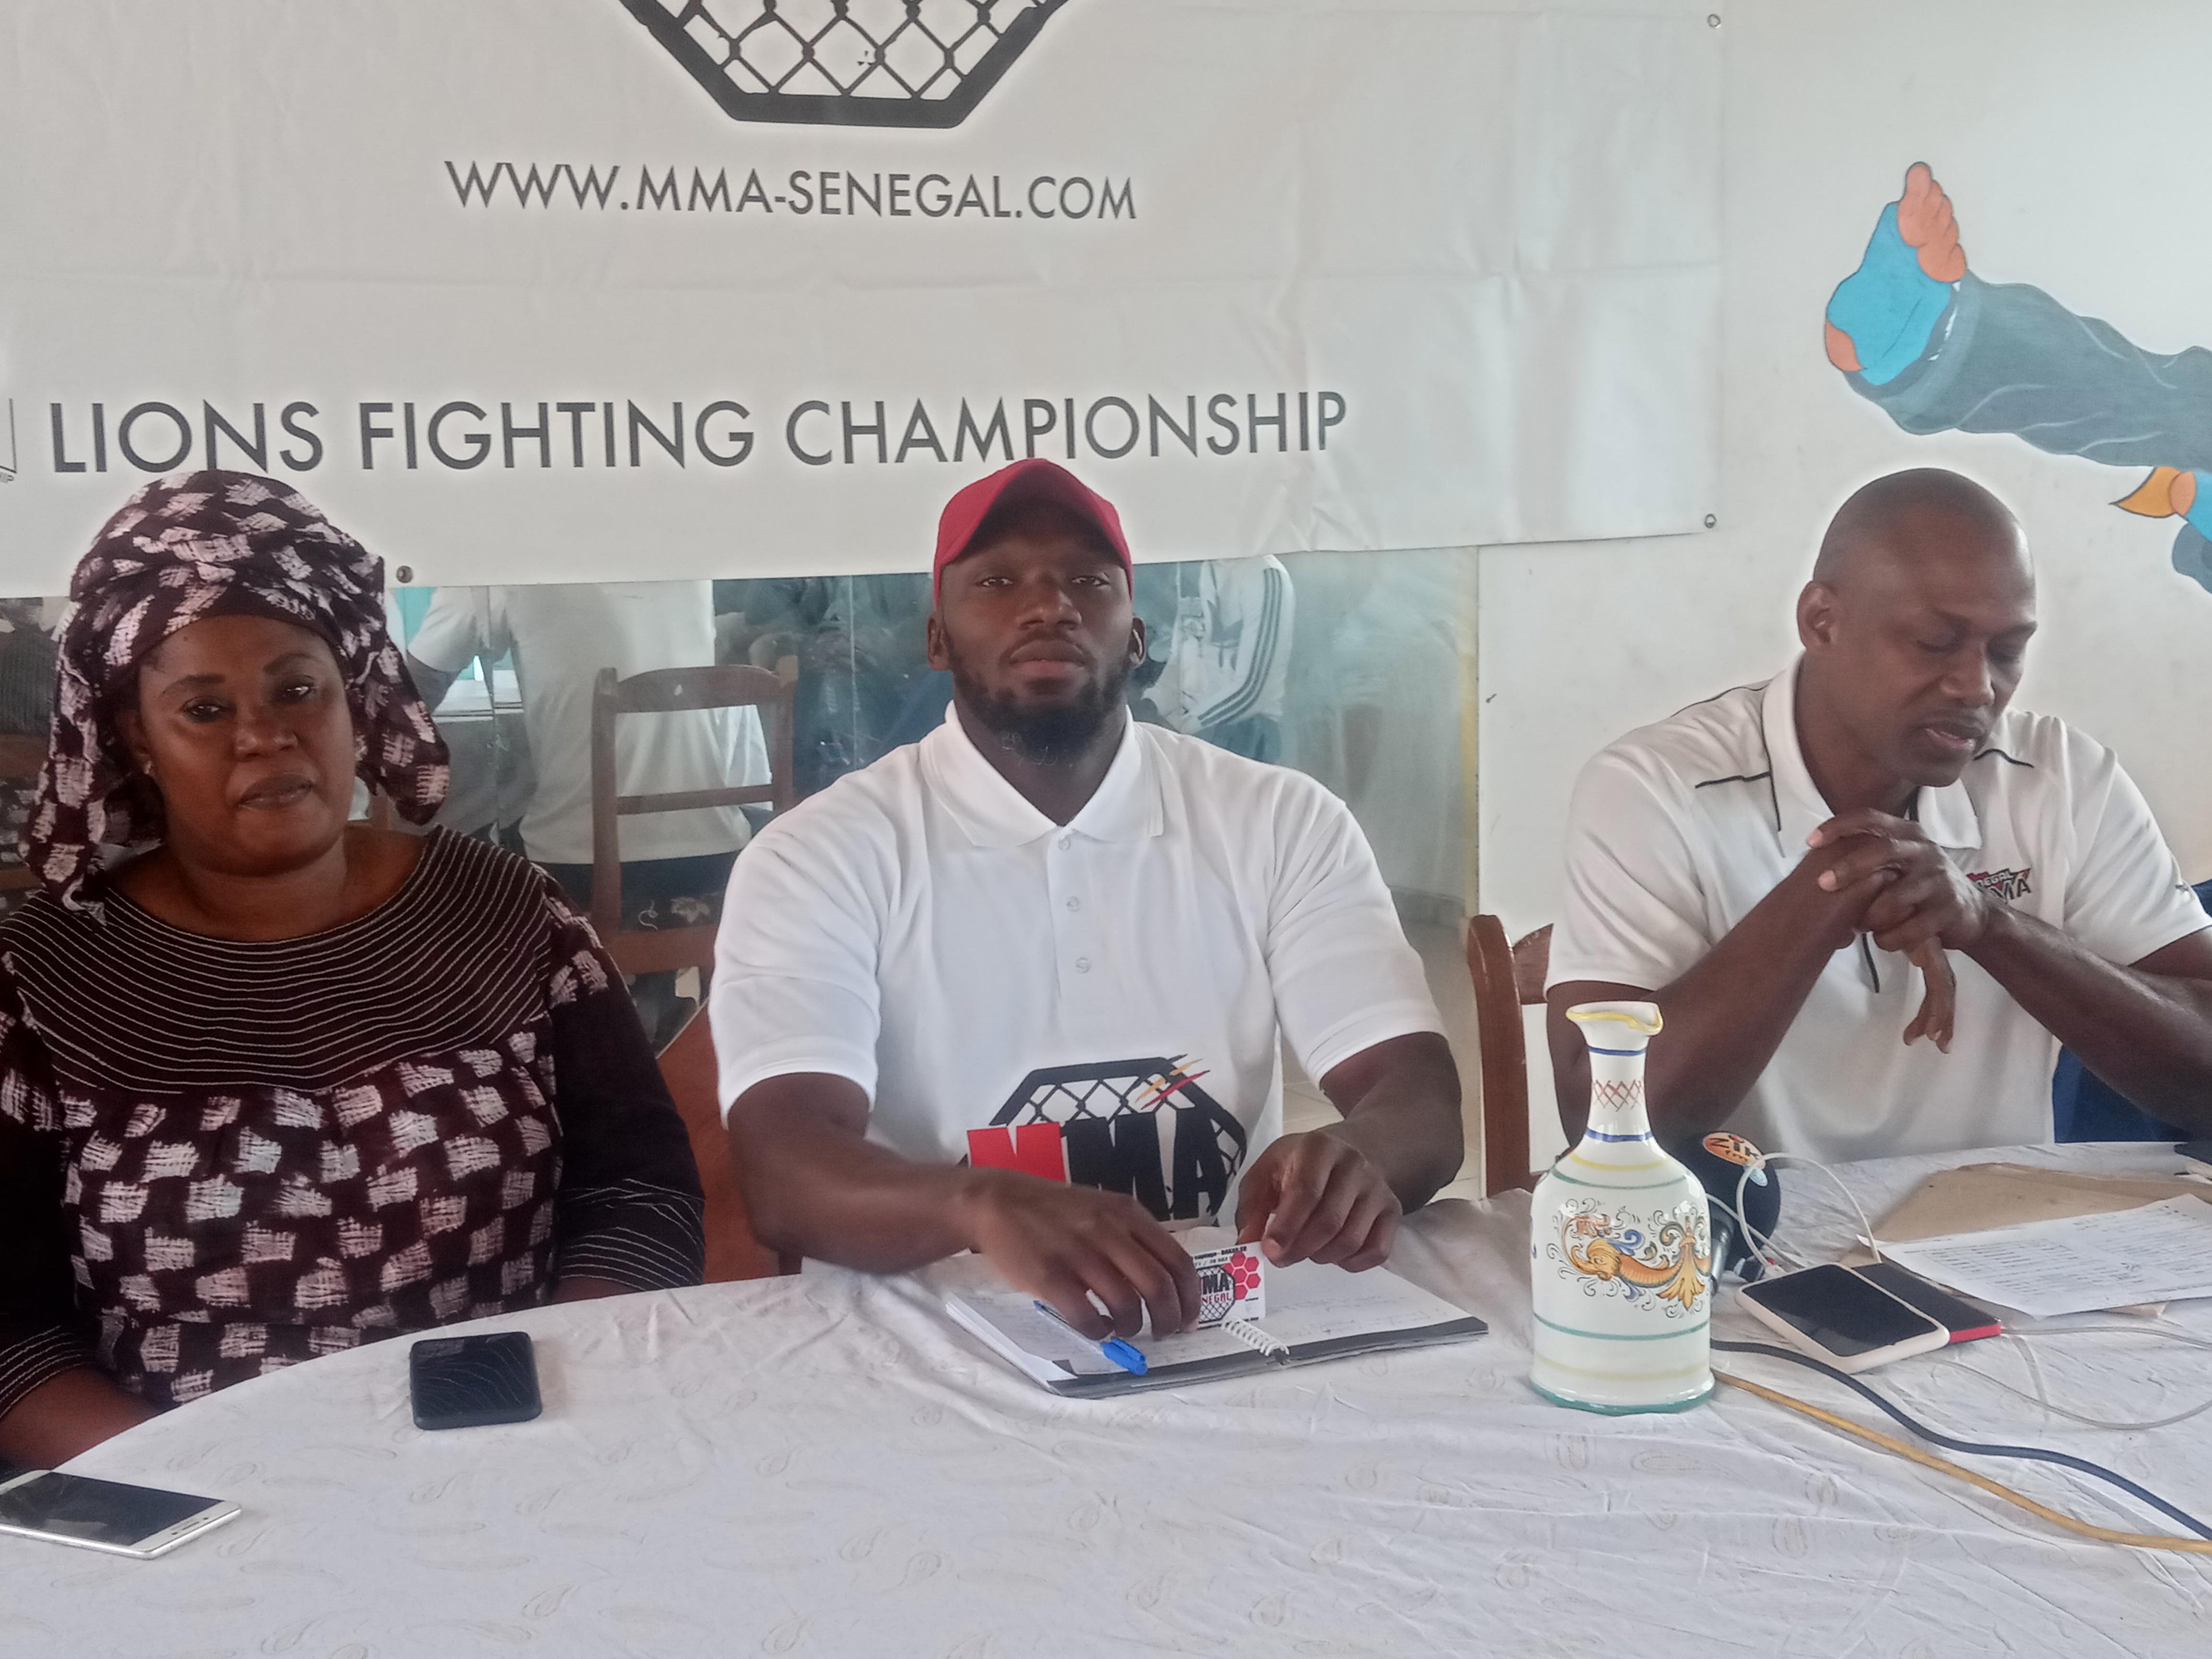 Deux questions à Pape Kane, Président de l'Association MMA Sénégal